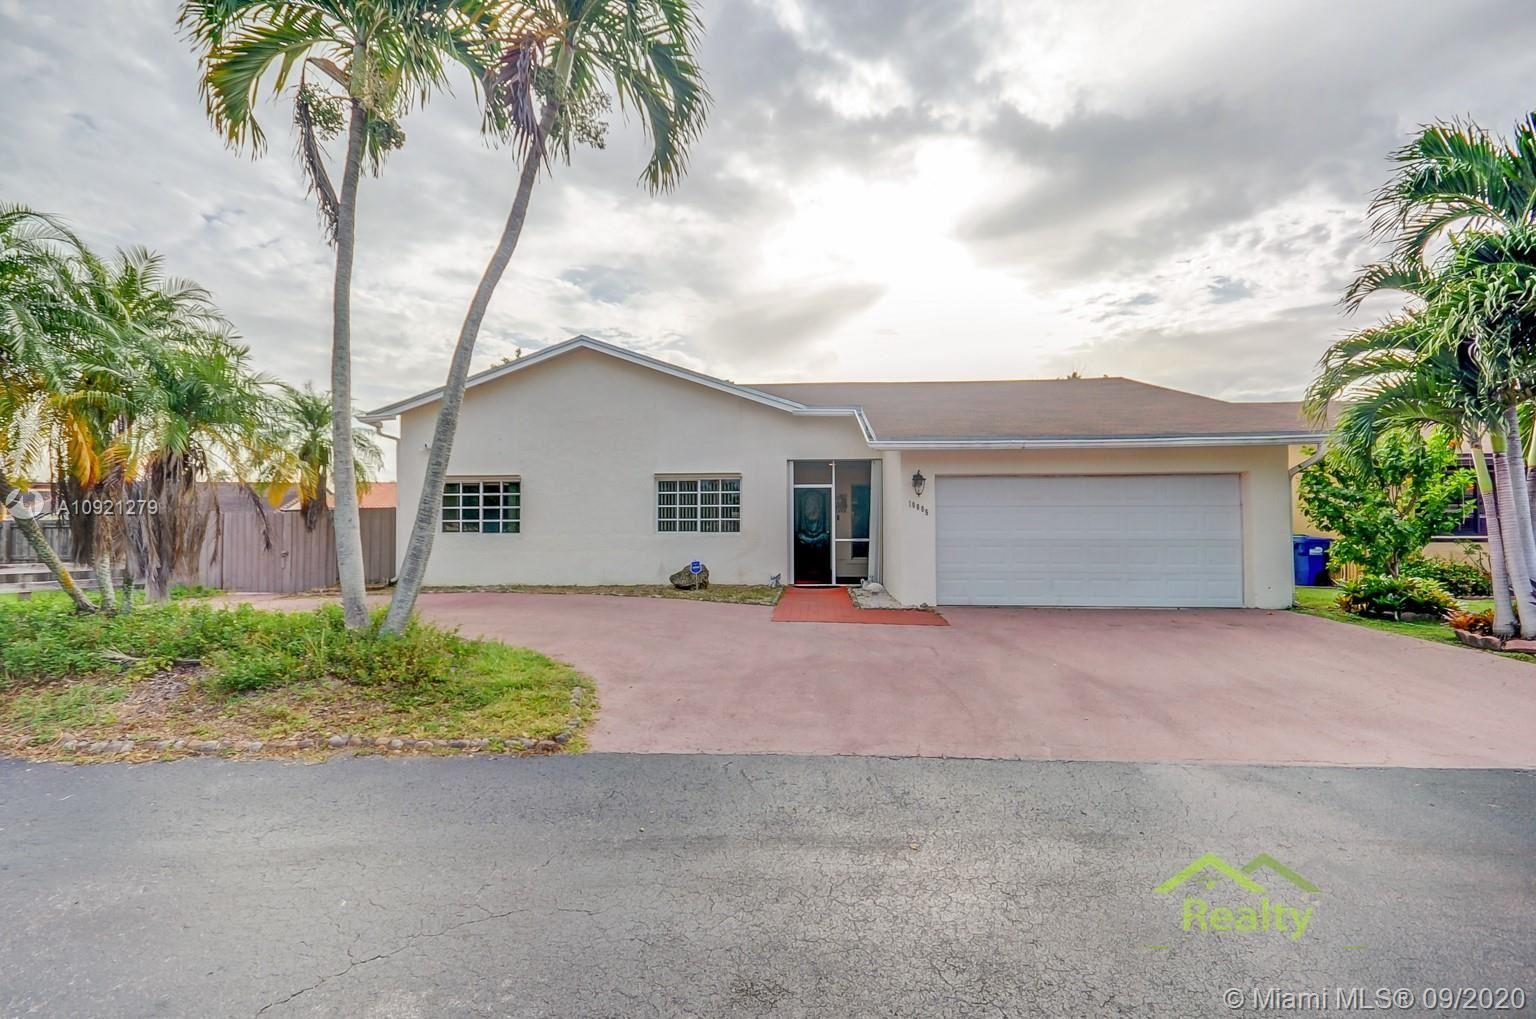 10005 SW 144th Pl, Miami, FL 33186 - #: A10921279